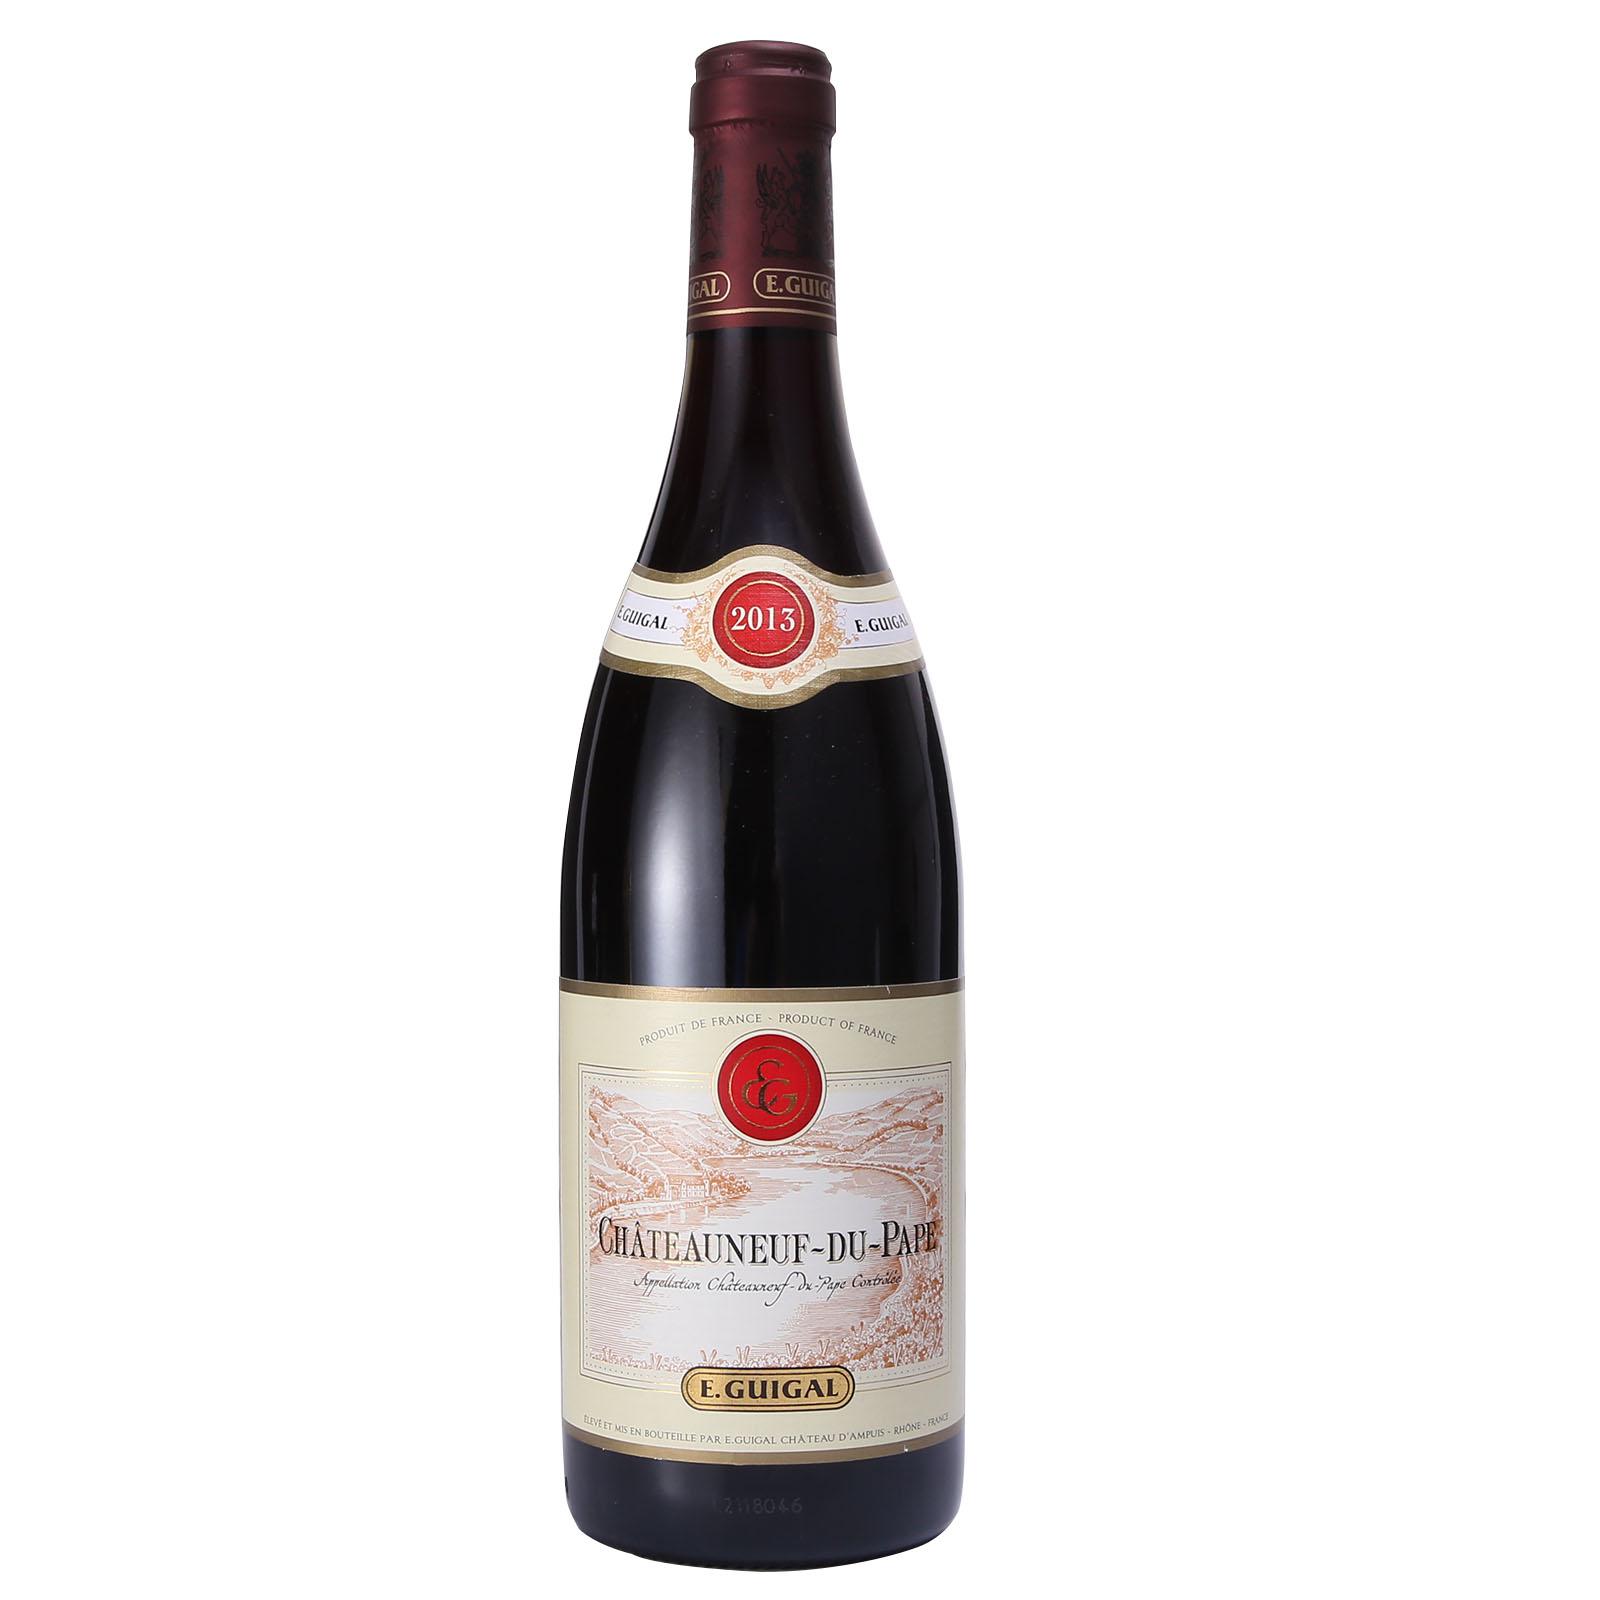 吉佳樂世家教皇新堡法定產區紅葡萄酒 E Guigal Chateauneuf du Pape